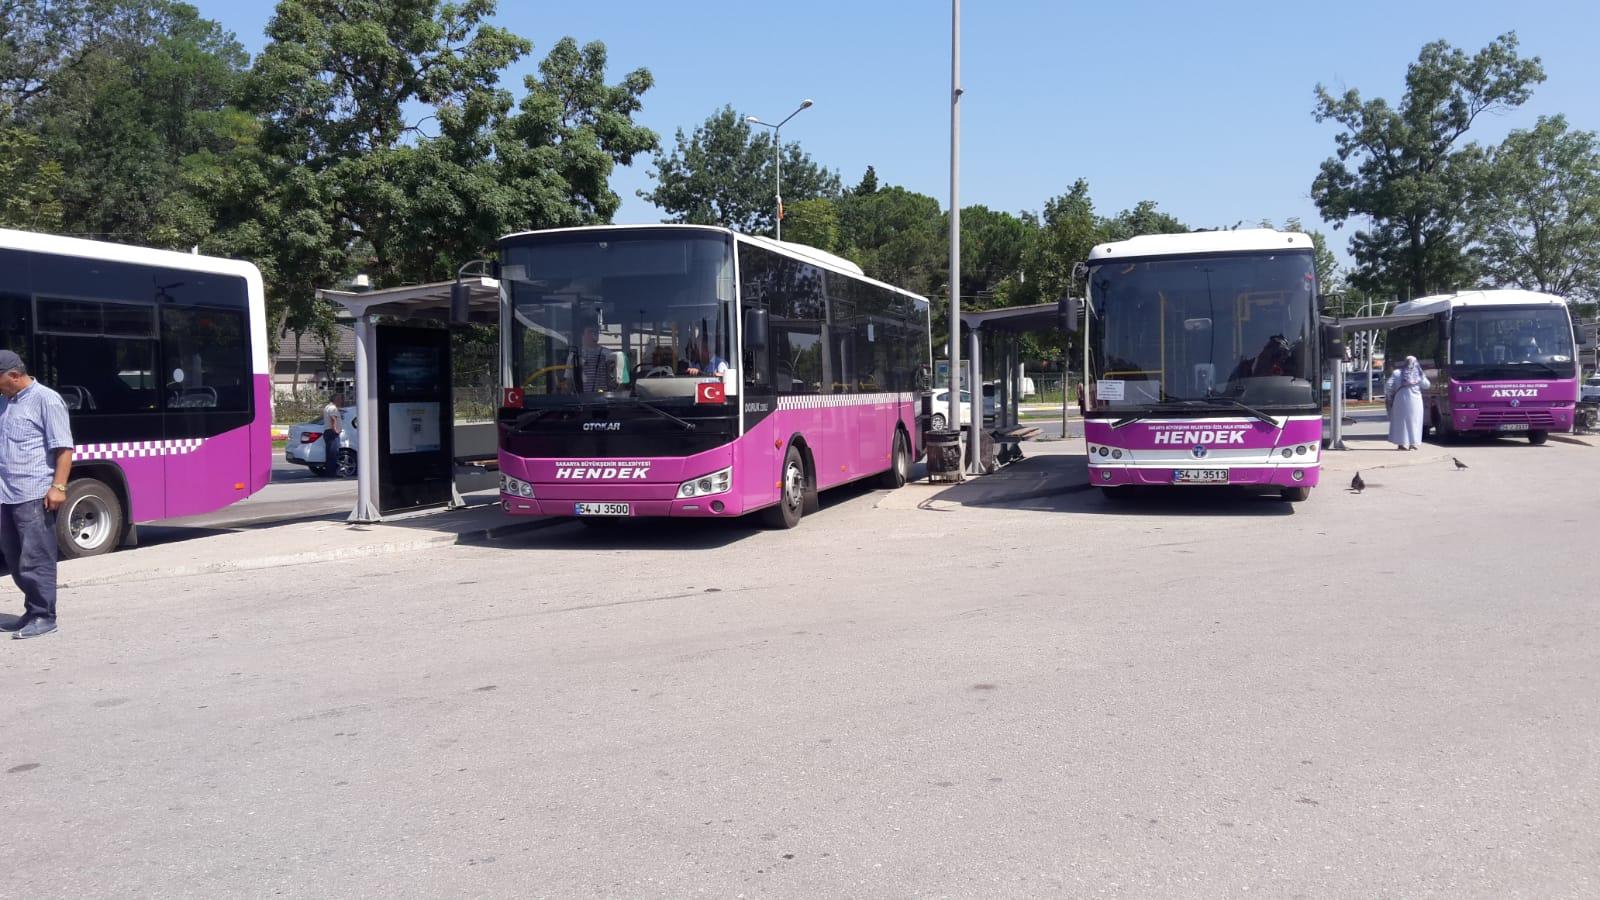 Hendek Otobüsleri Yan Yolu Kullanacak